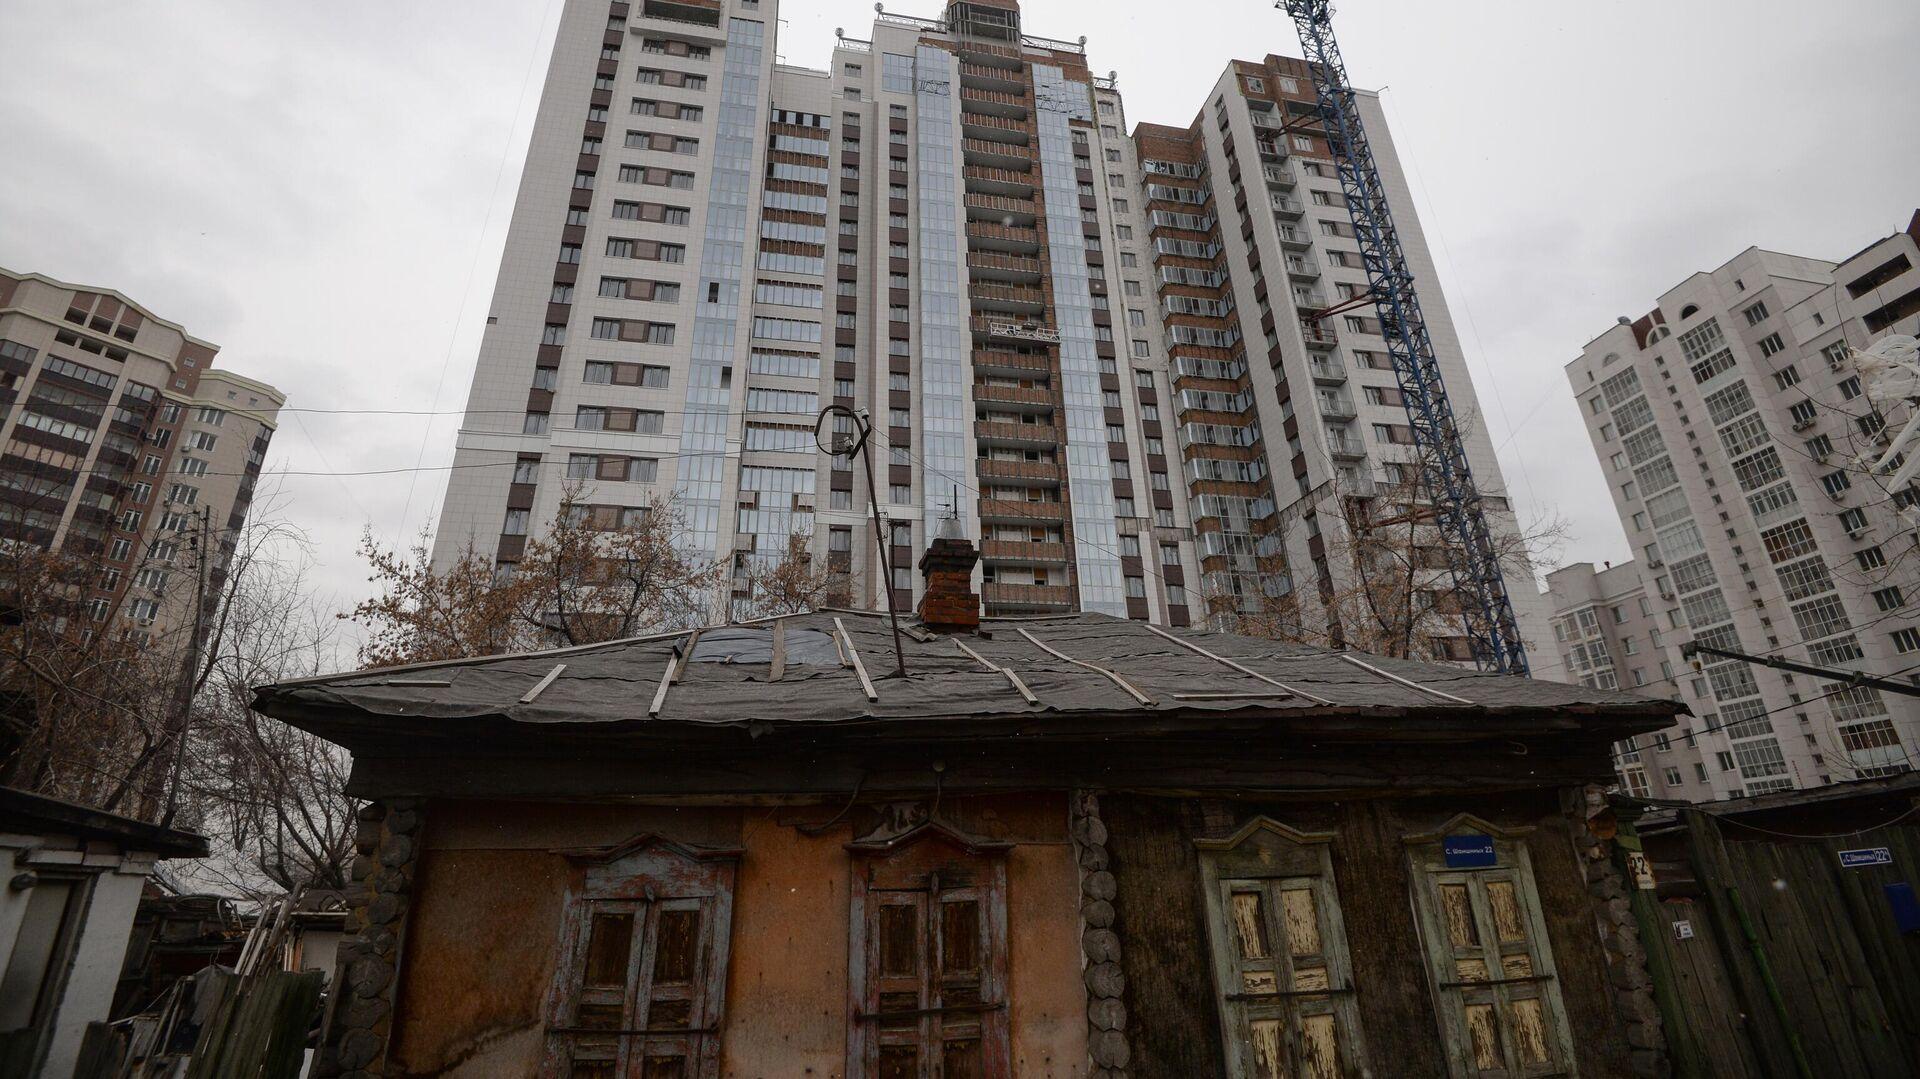 Строительство жилья - РИА Новости, 1920, 21.01.2021